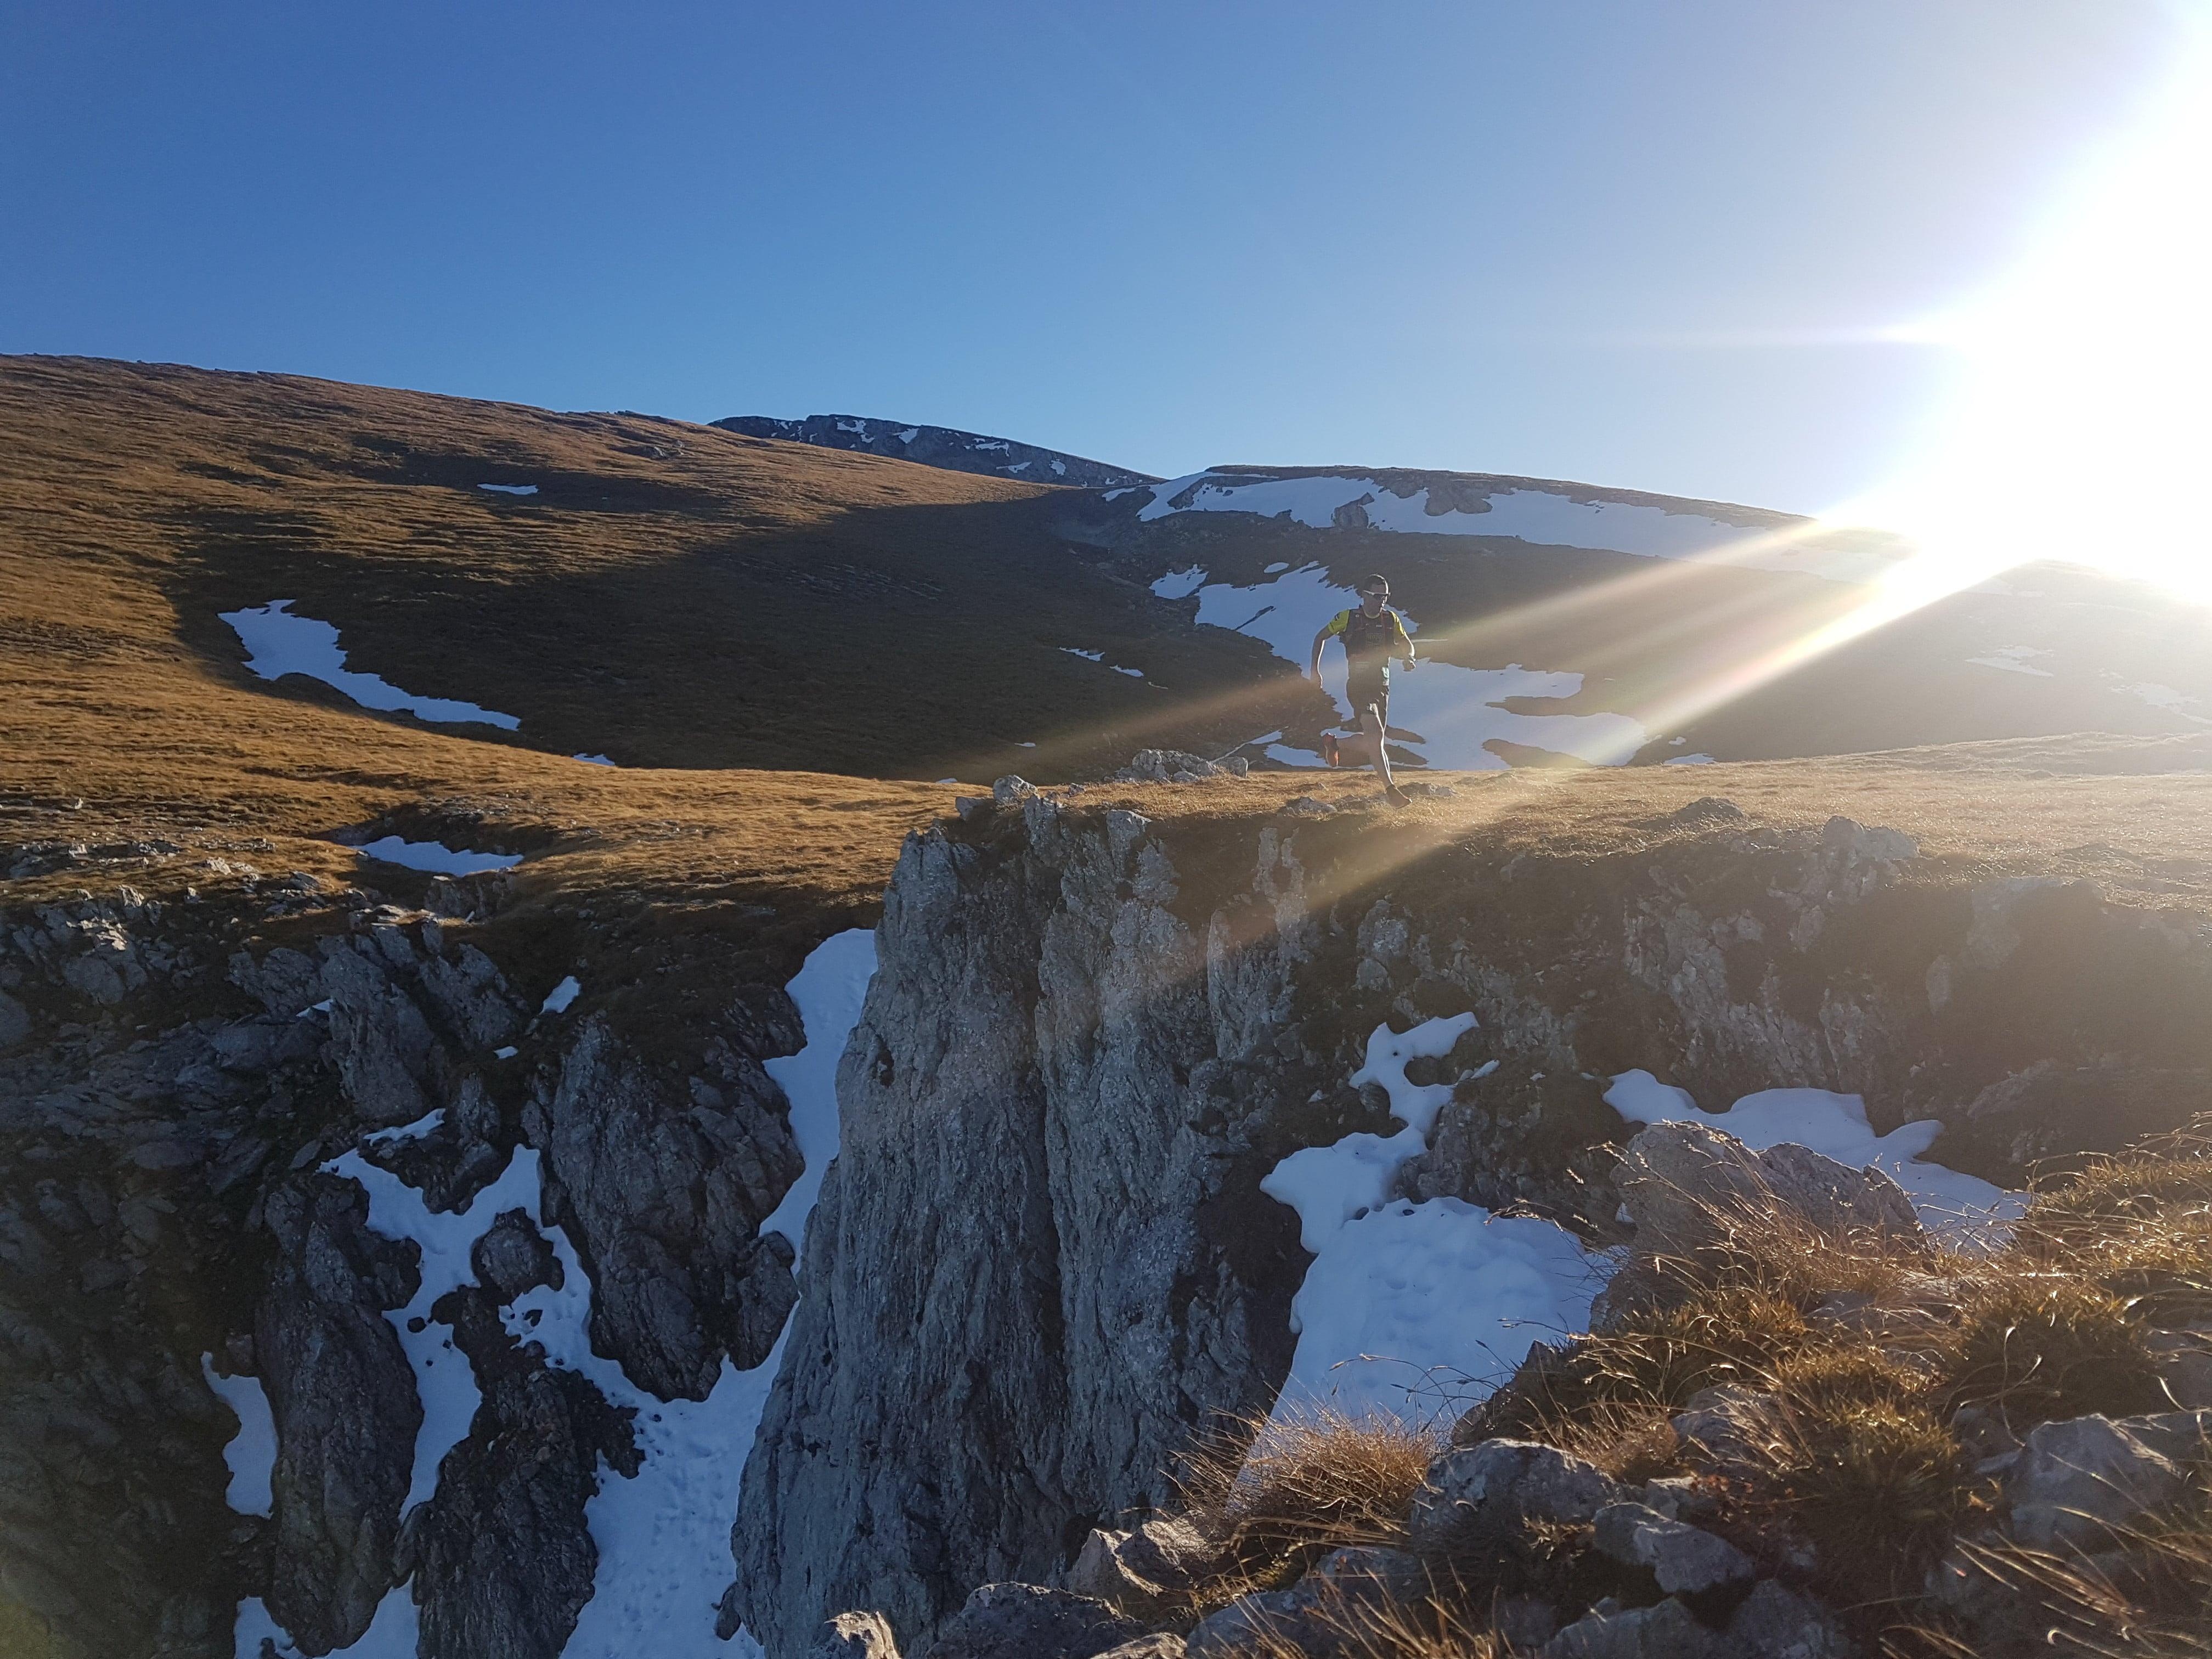 Michael Kabicher beim Trailrunning am Schneeberg